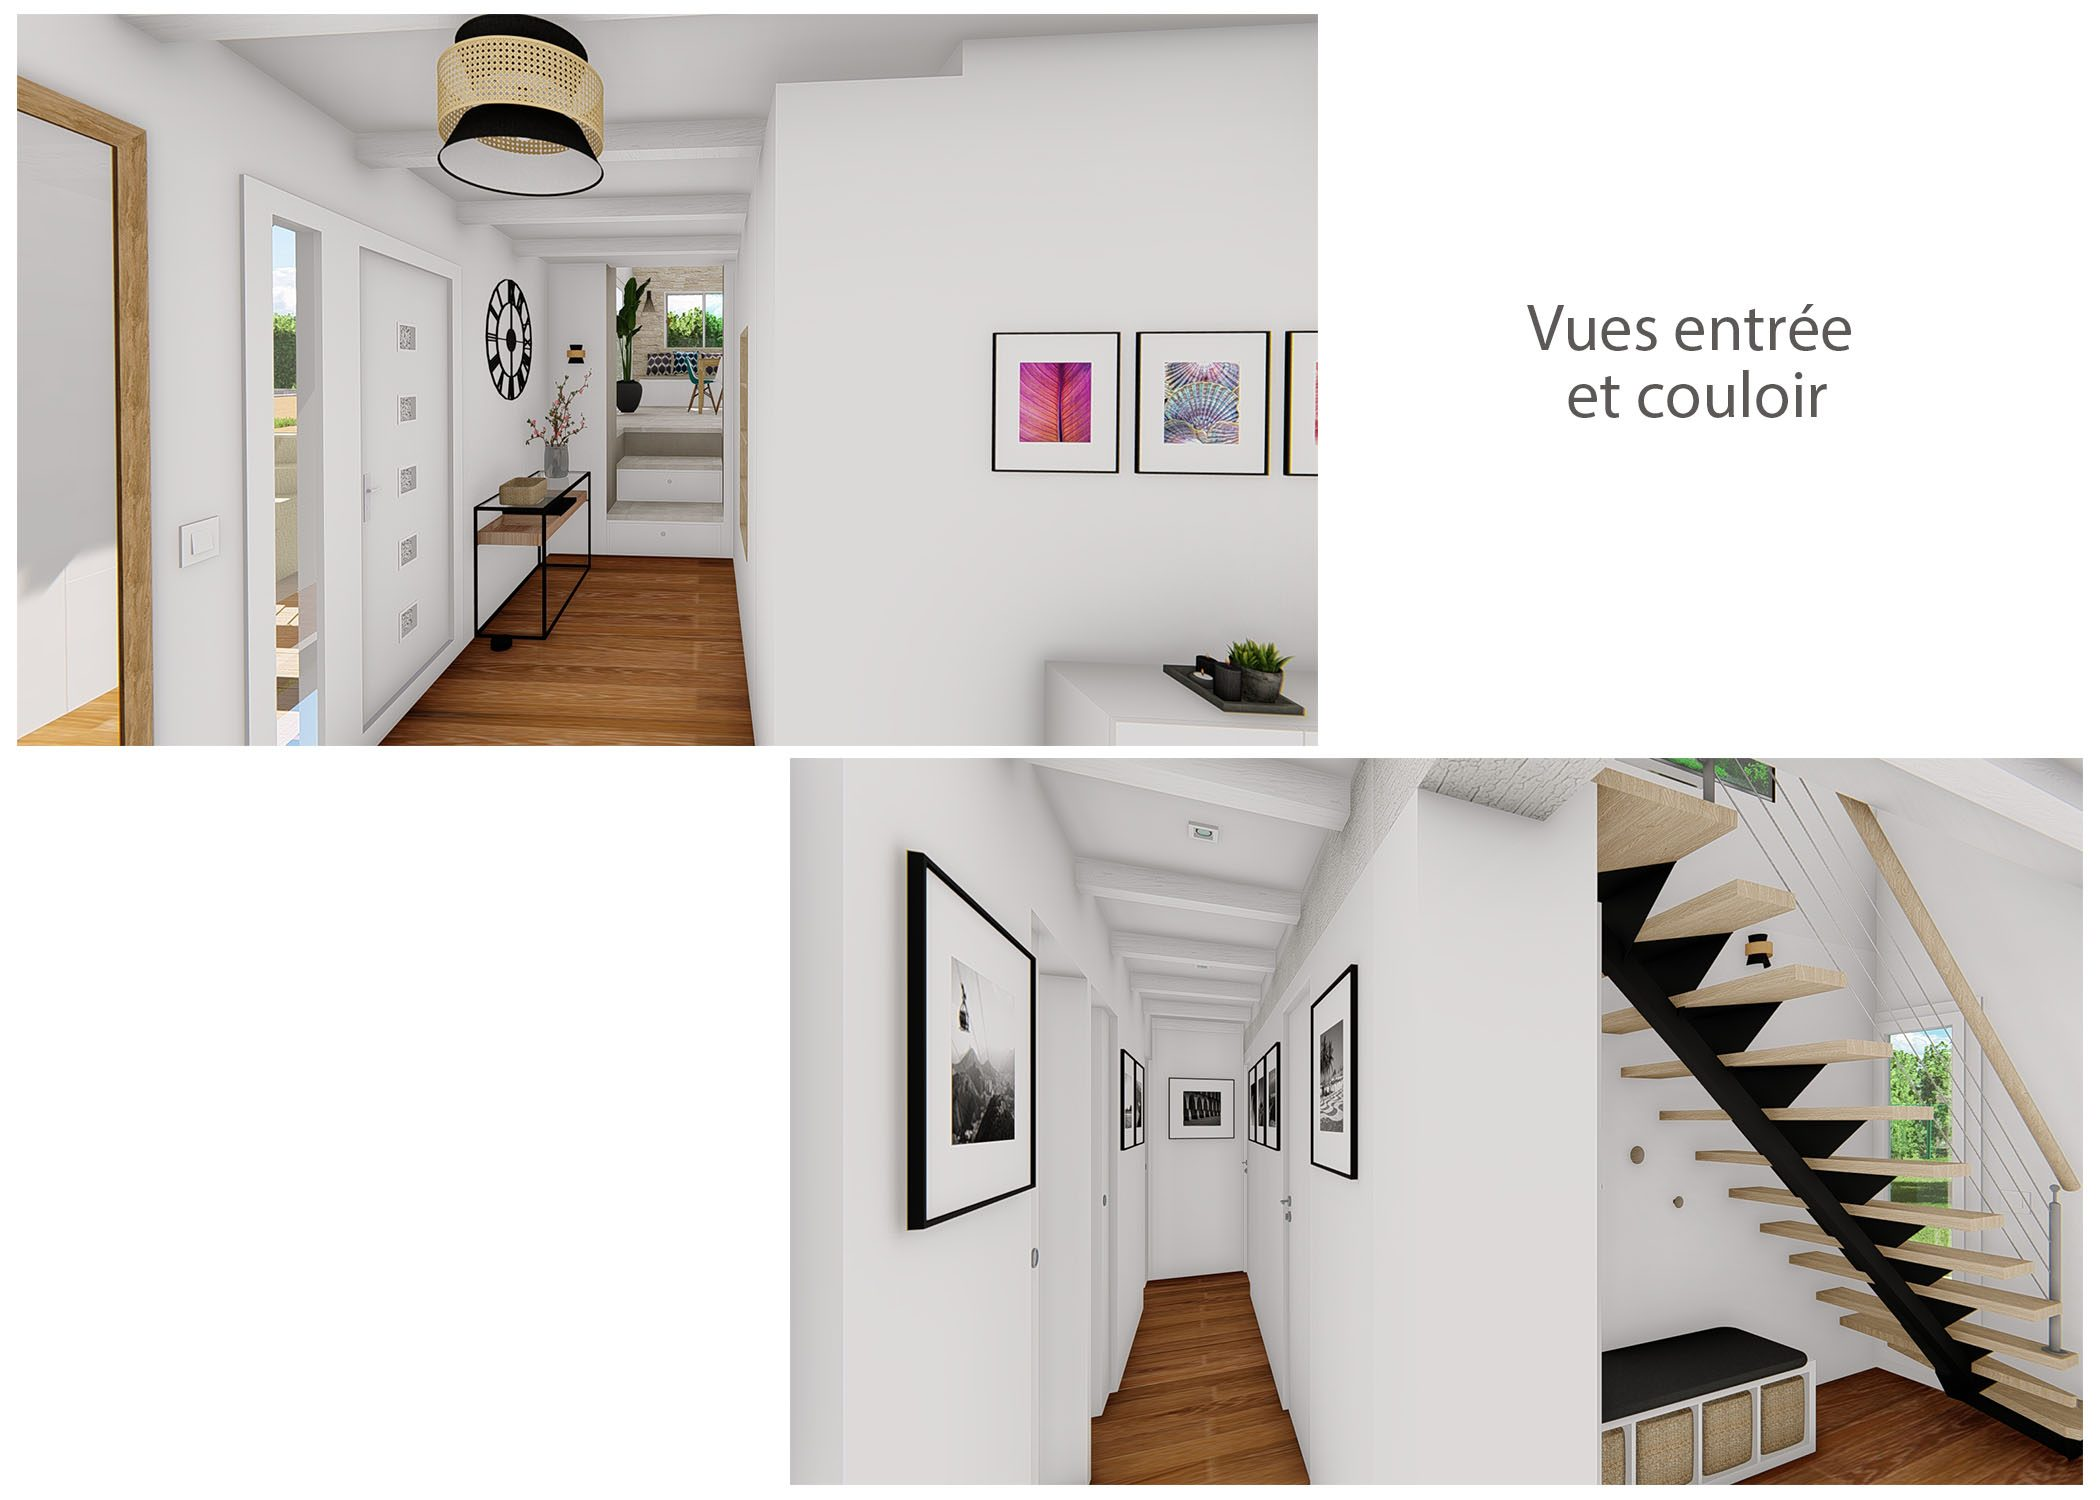 renovation-amenagement-decoration-maison de famille-fuveau-rendus entree et couloirs-dekho design